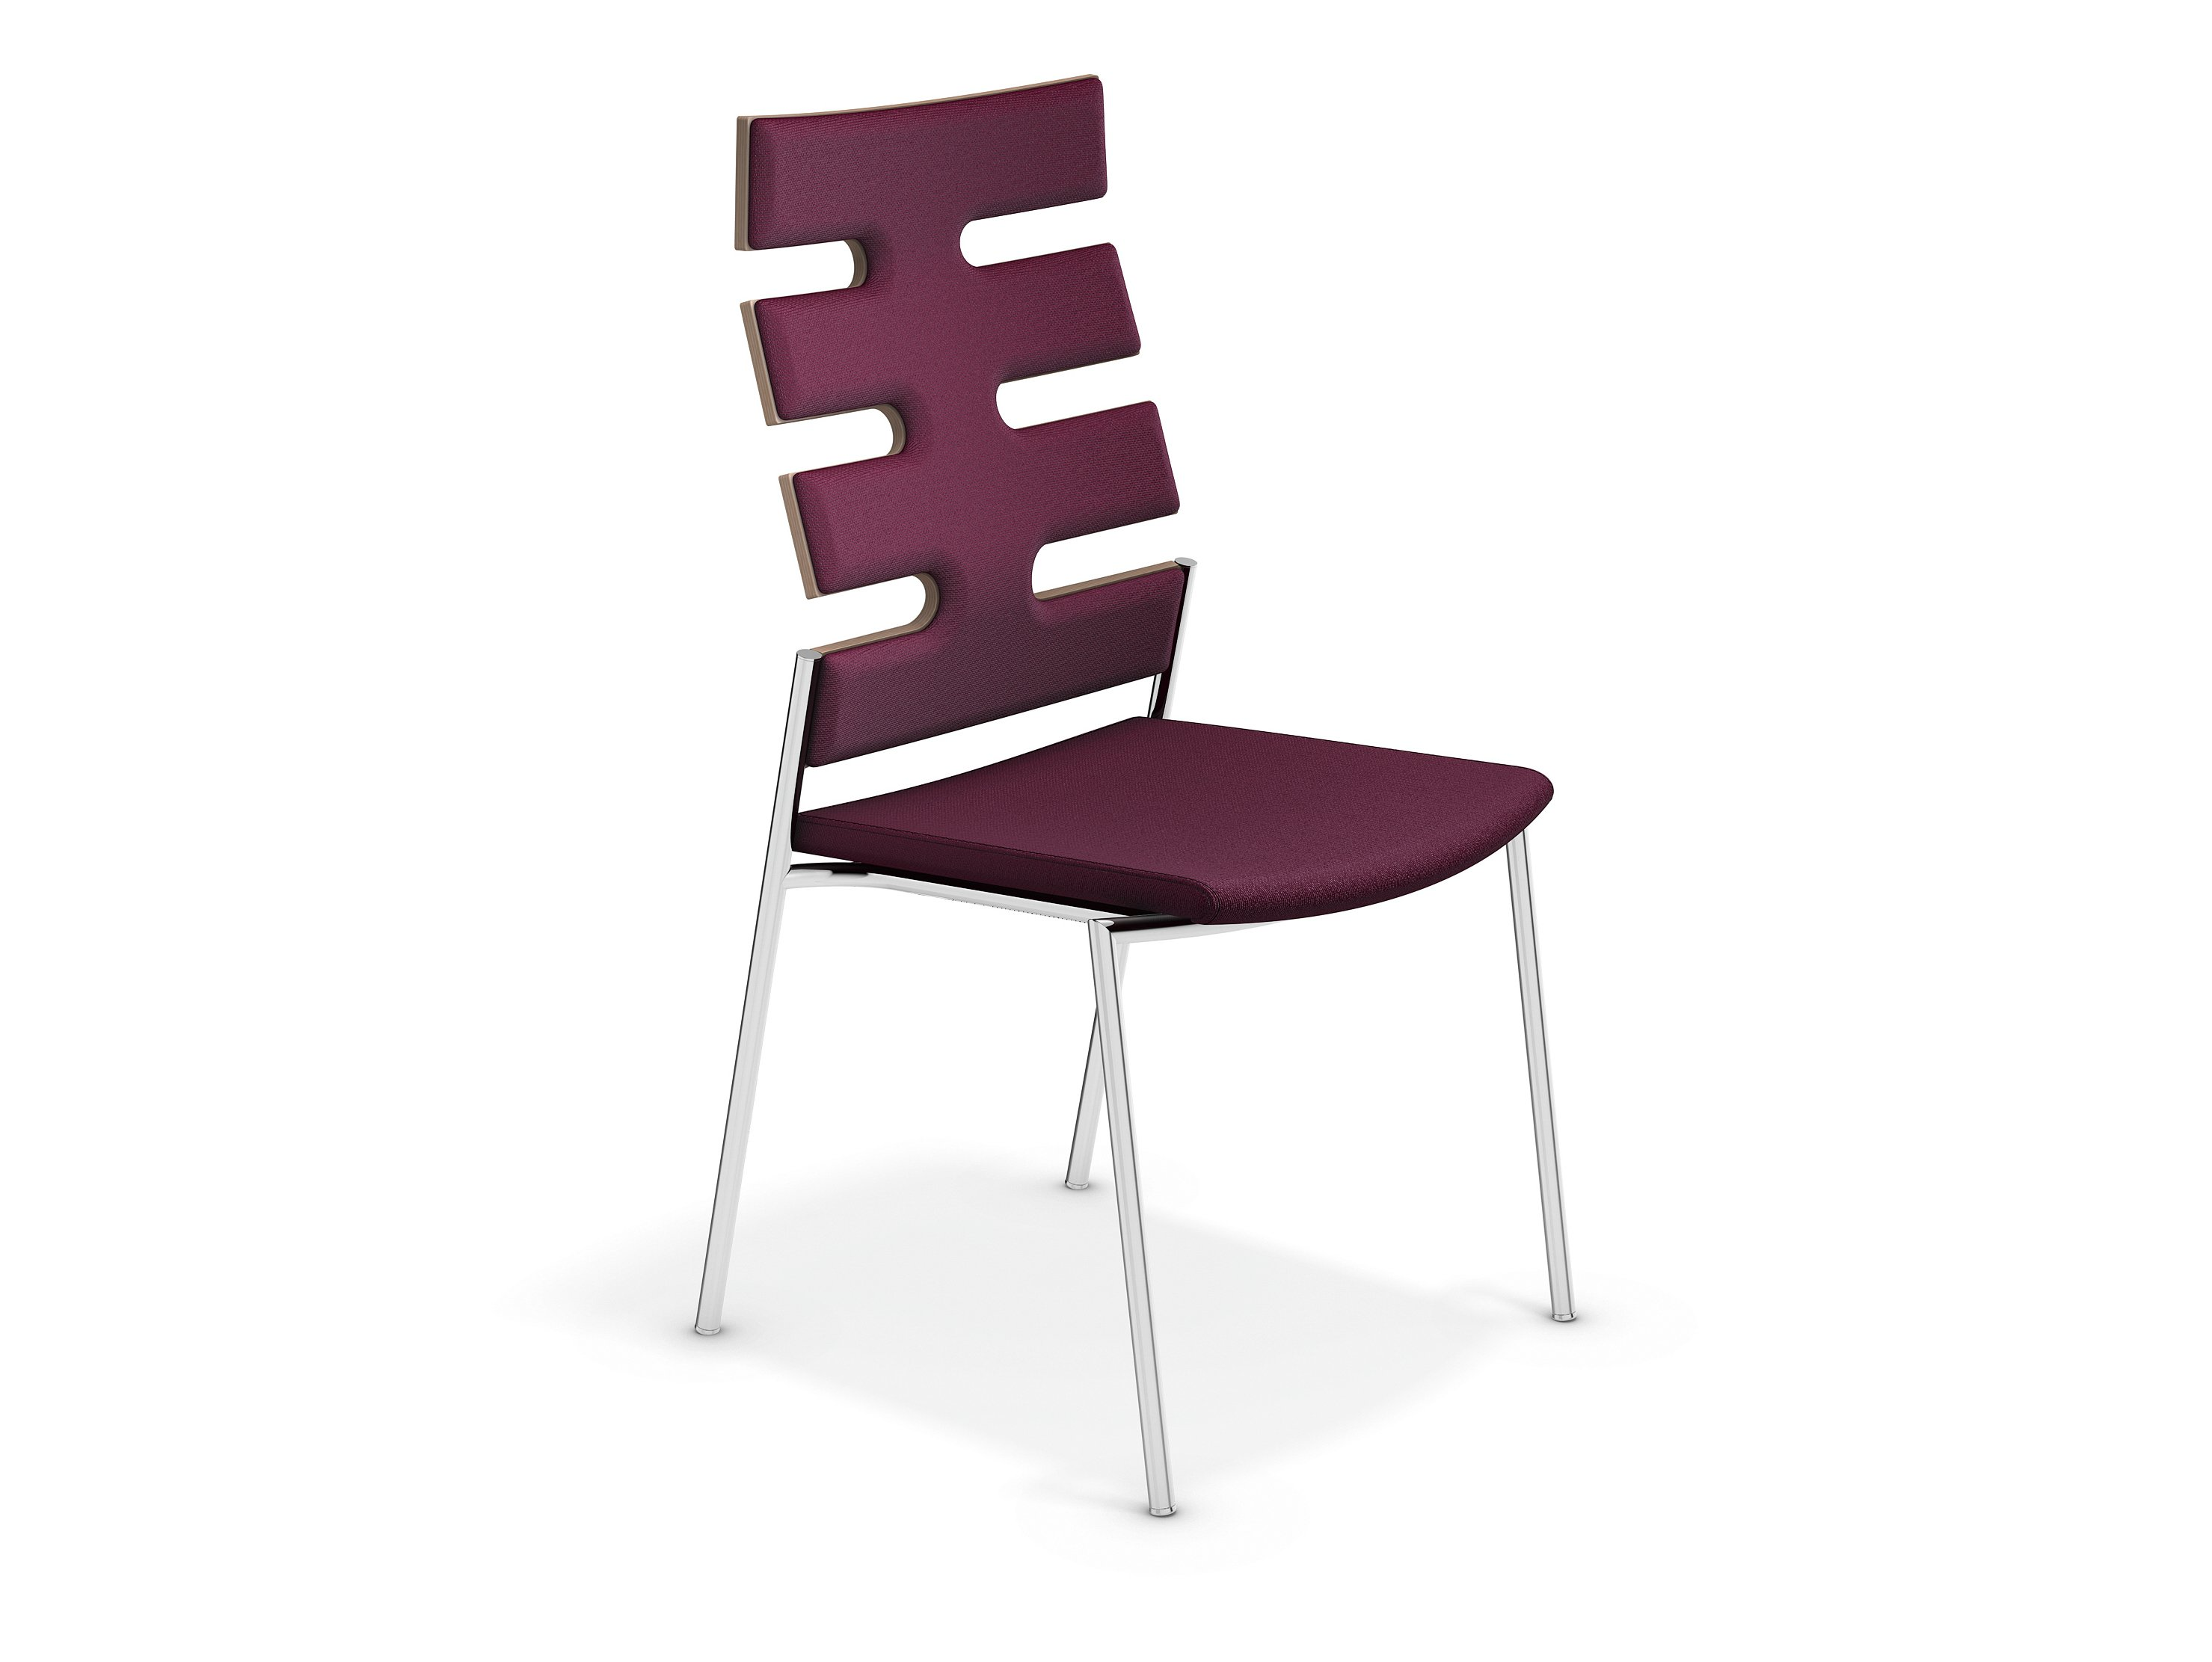 Keep moving sedia con schienale alto by casala design for Sedia design schienale alto